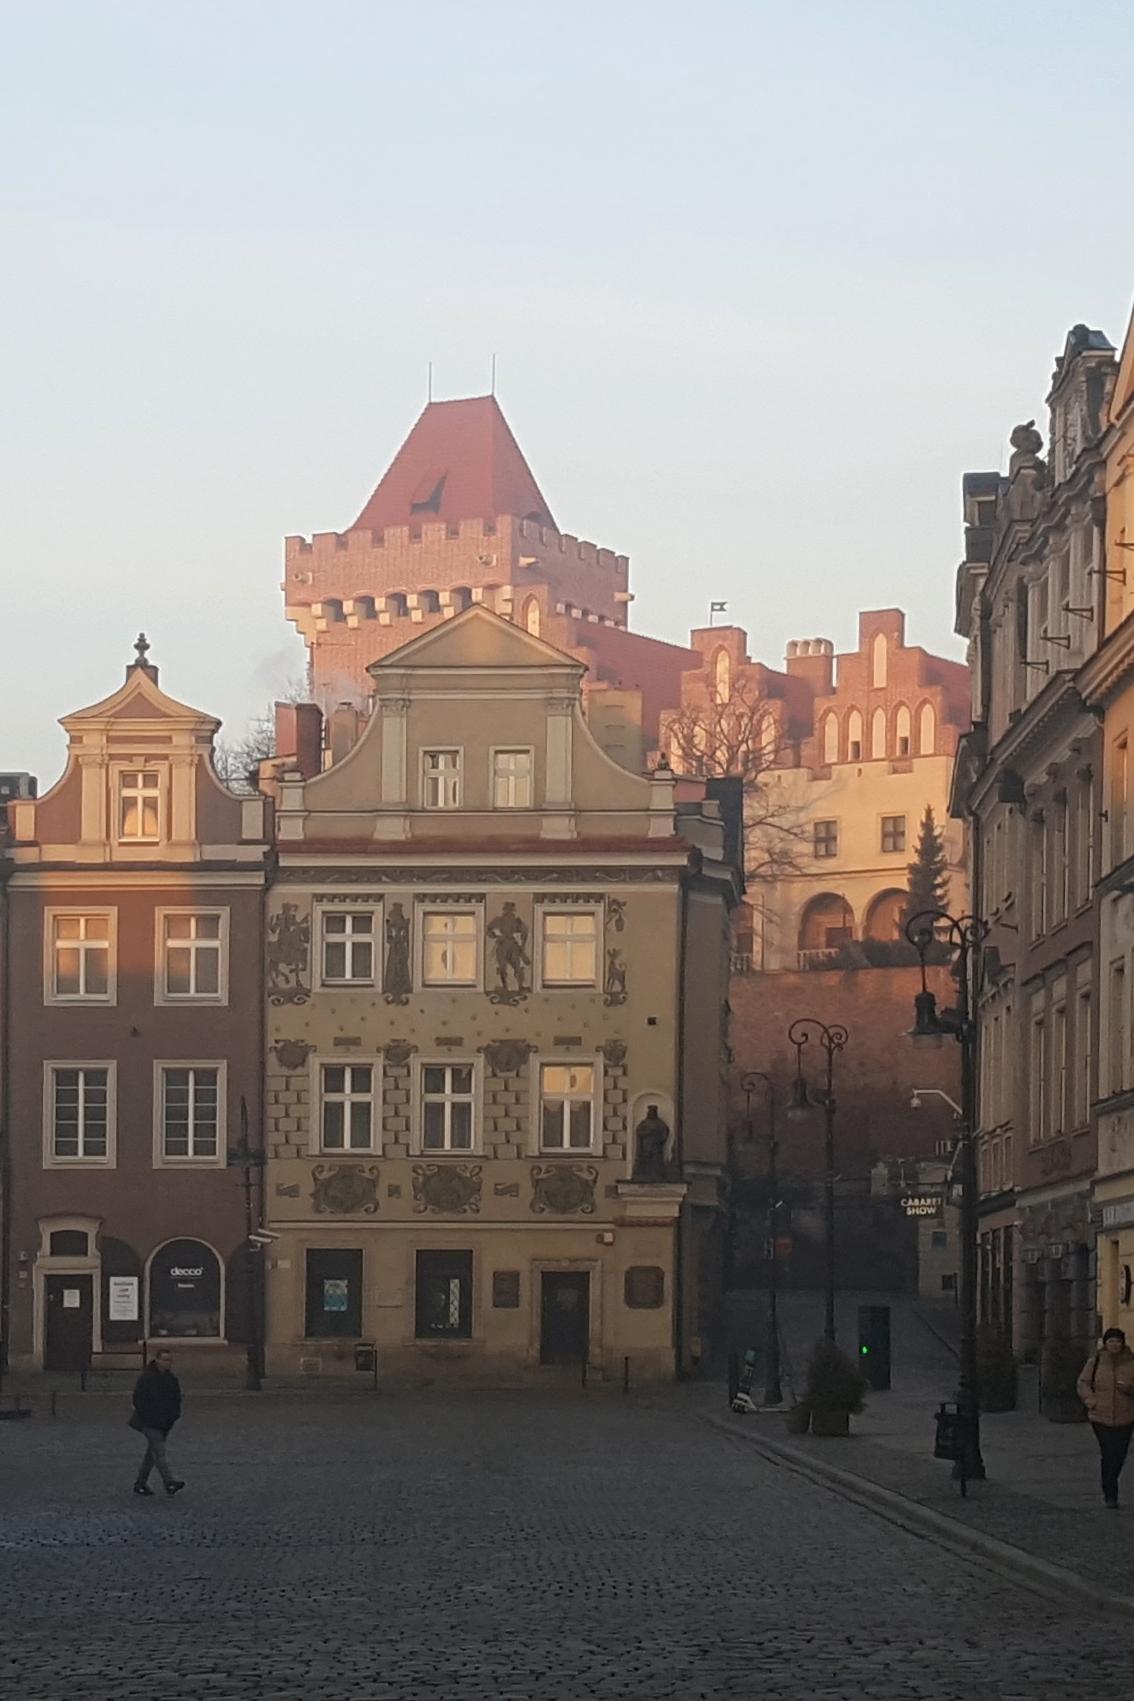 zabudowa zachodniej pierzei Starego Rynku w Poznaniu, kamieniczki z barokowymi szczytami, w tle wieża zamku królewskiego